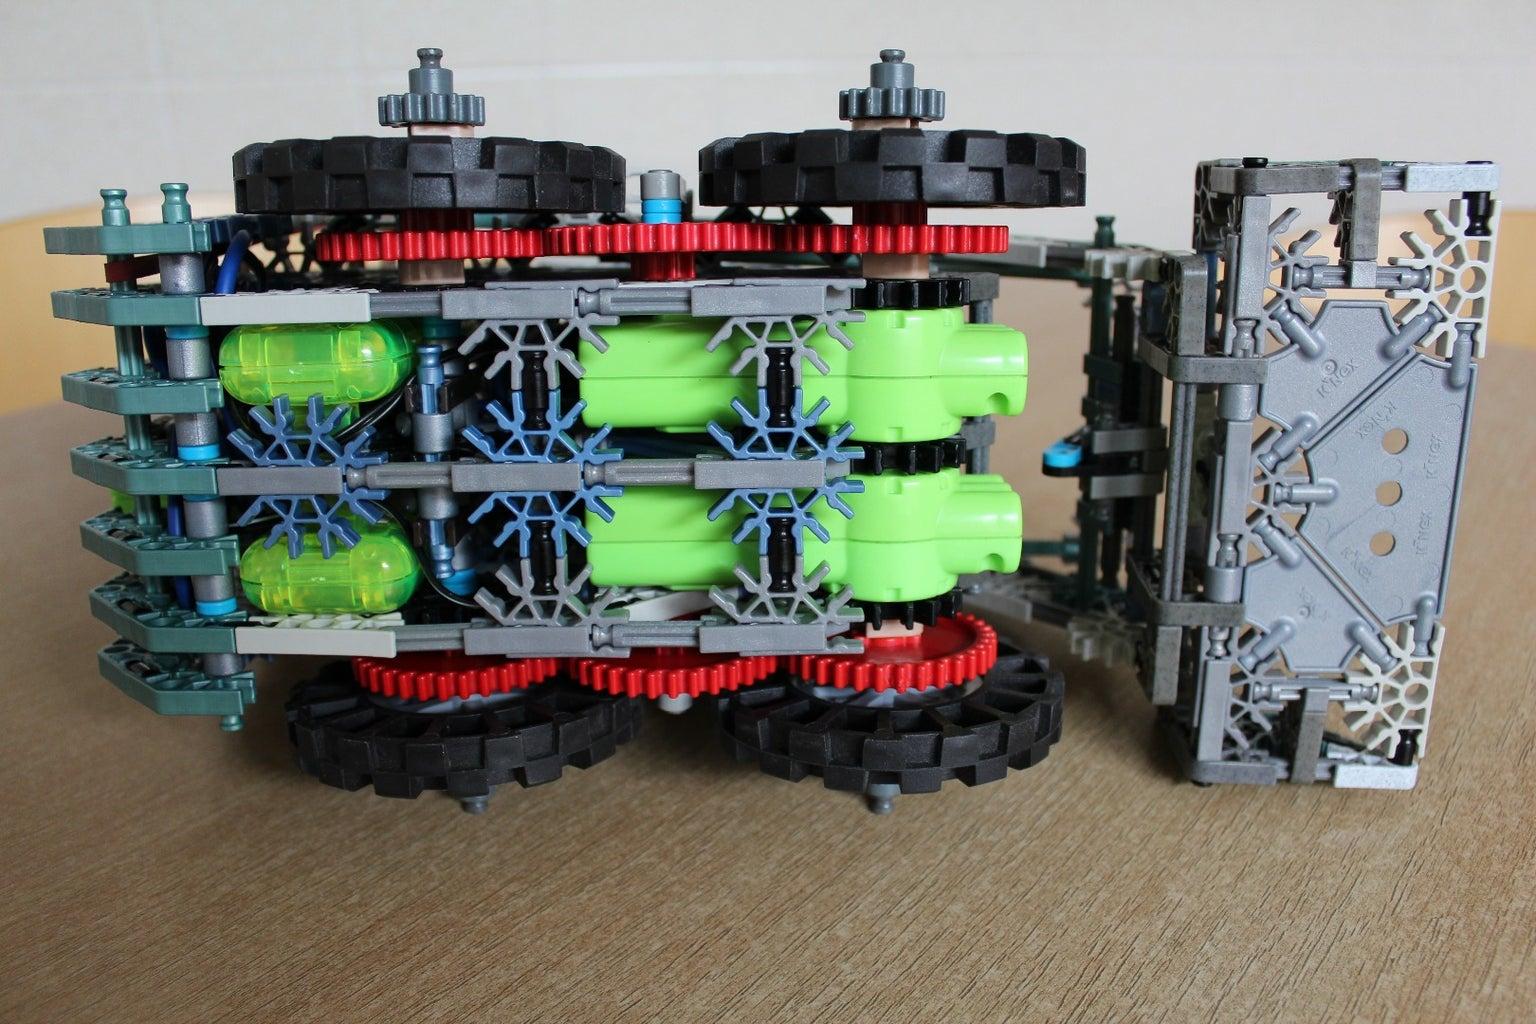 The Motors & Battery Packs